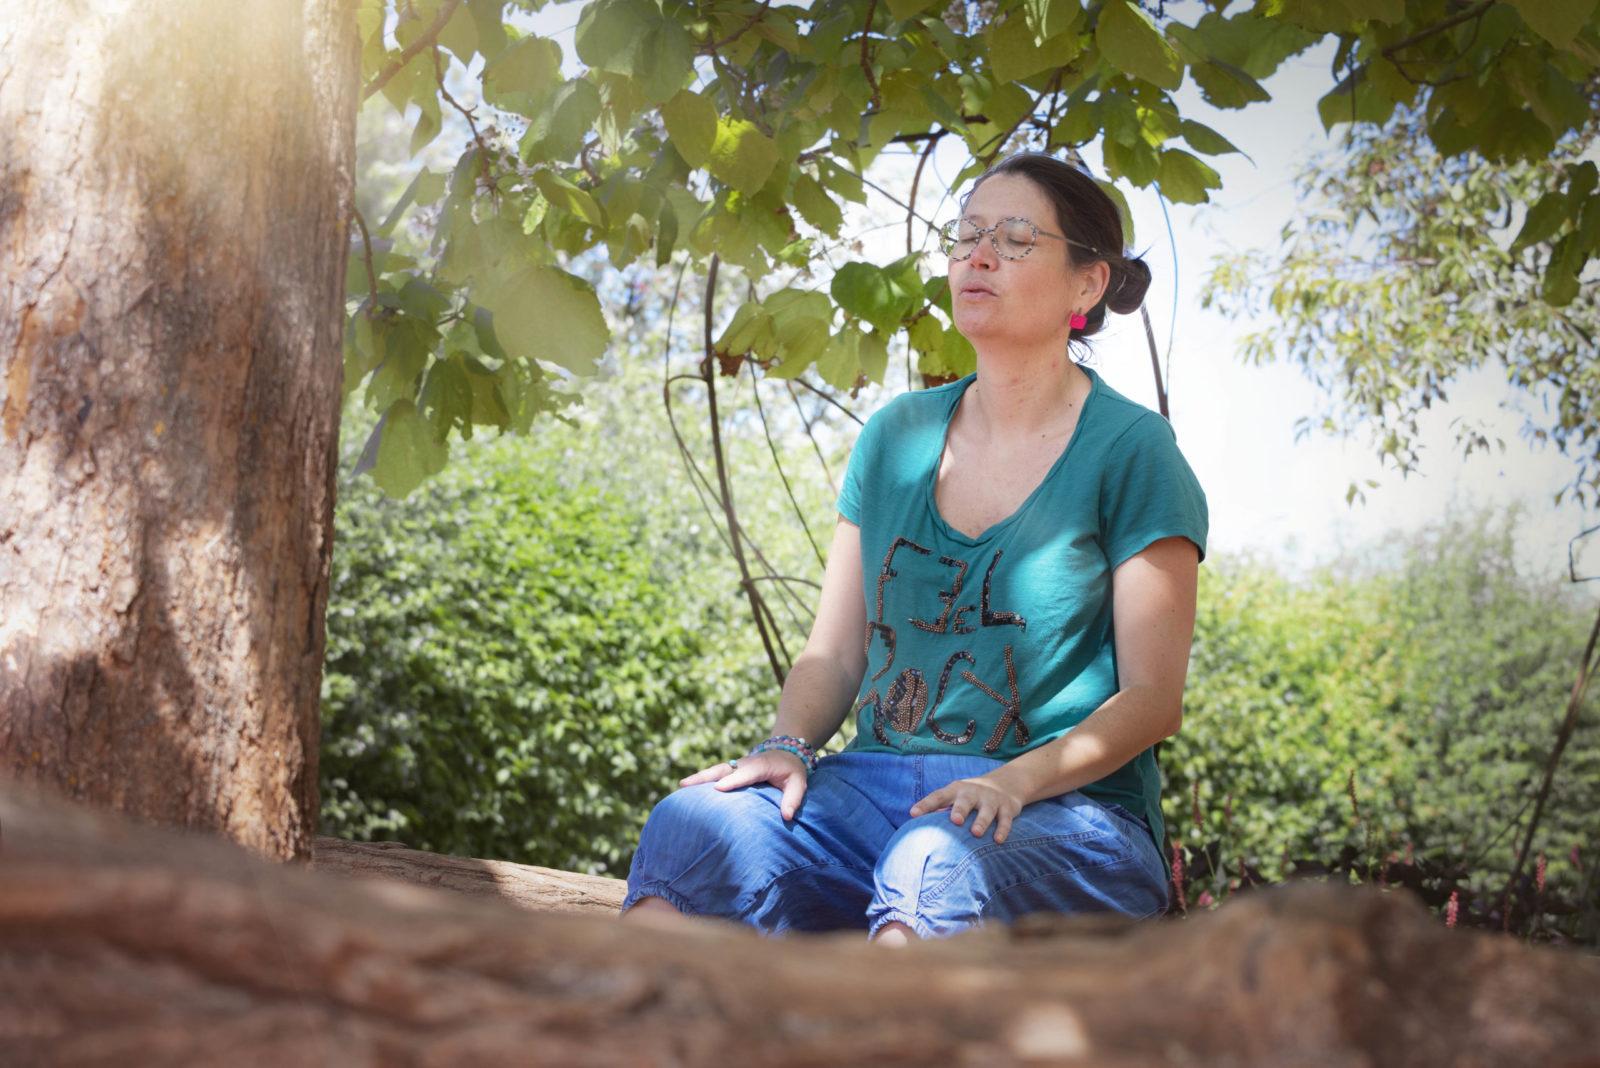 photo atelier Respire au parc Mosaic. Prise par mj-photographies